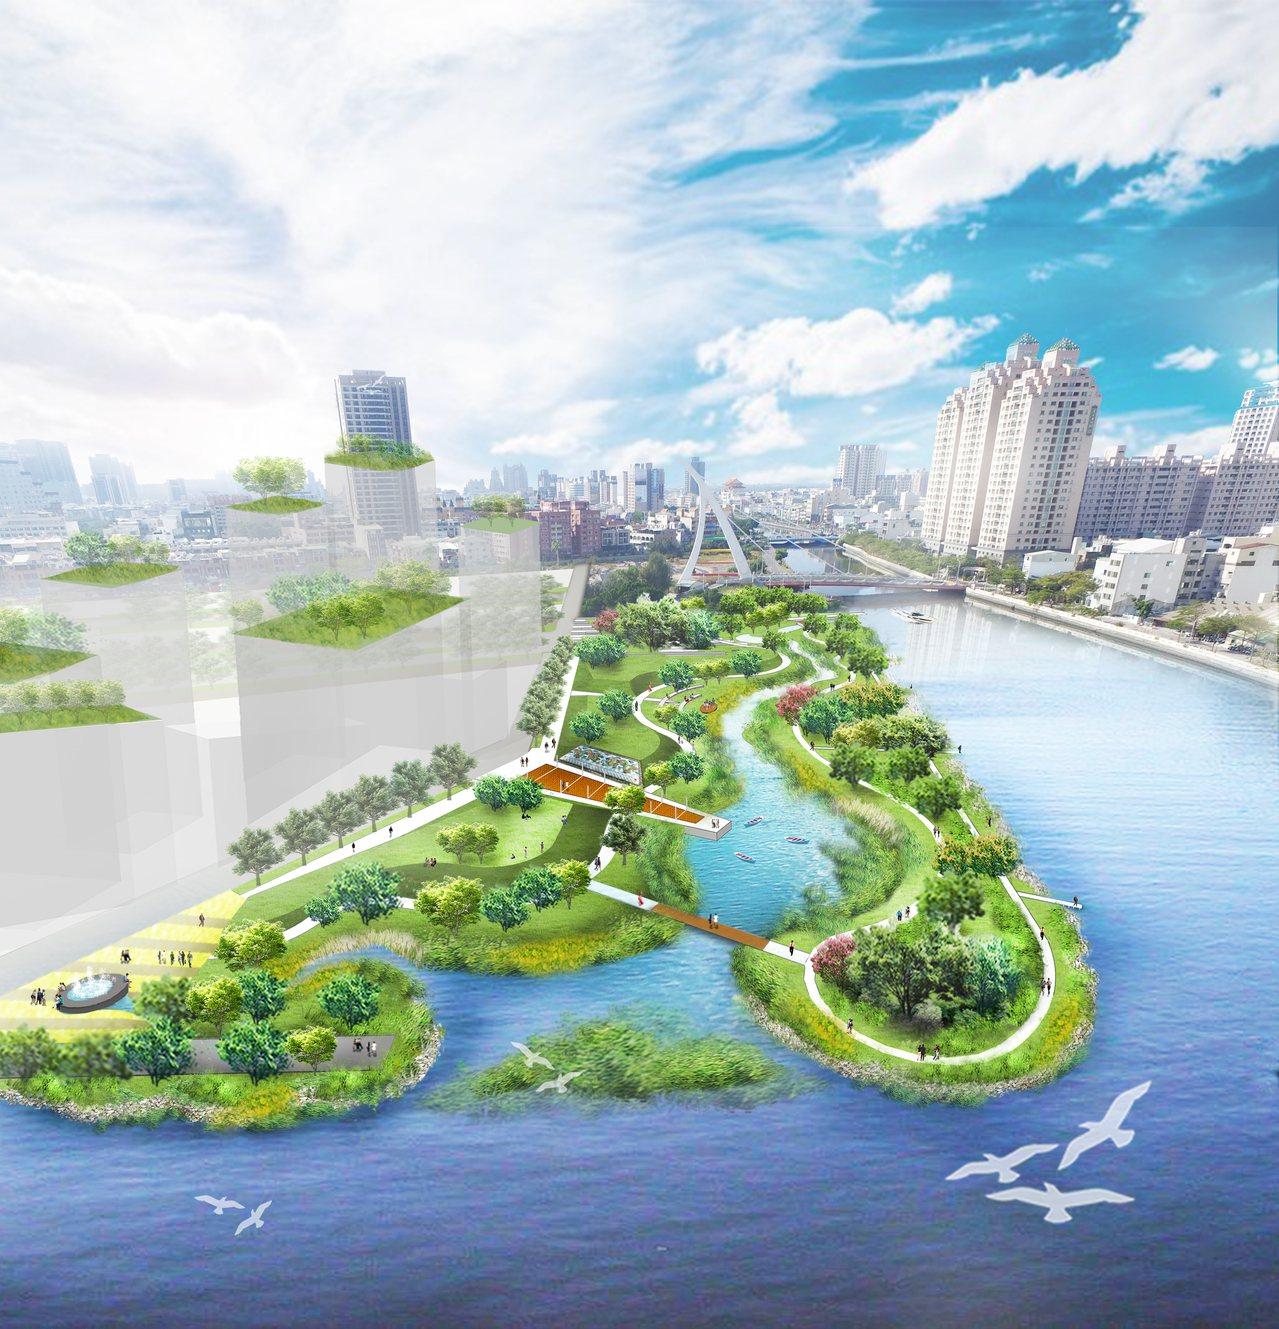 台南市配合運河星鑽區,將開發「公97」生態水岸公園。圖/台南市工務局提供